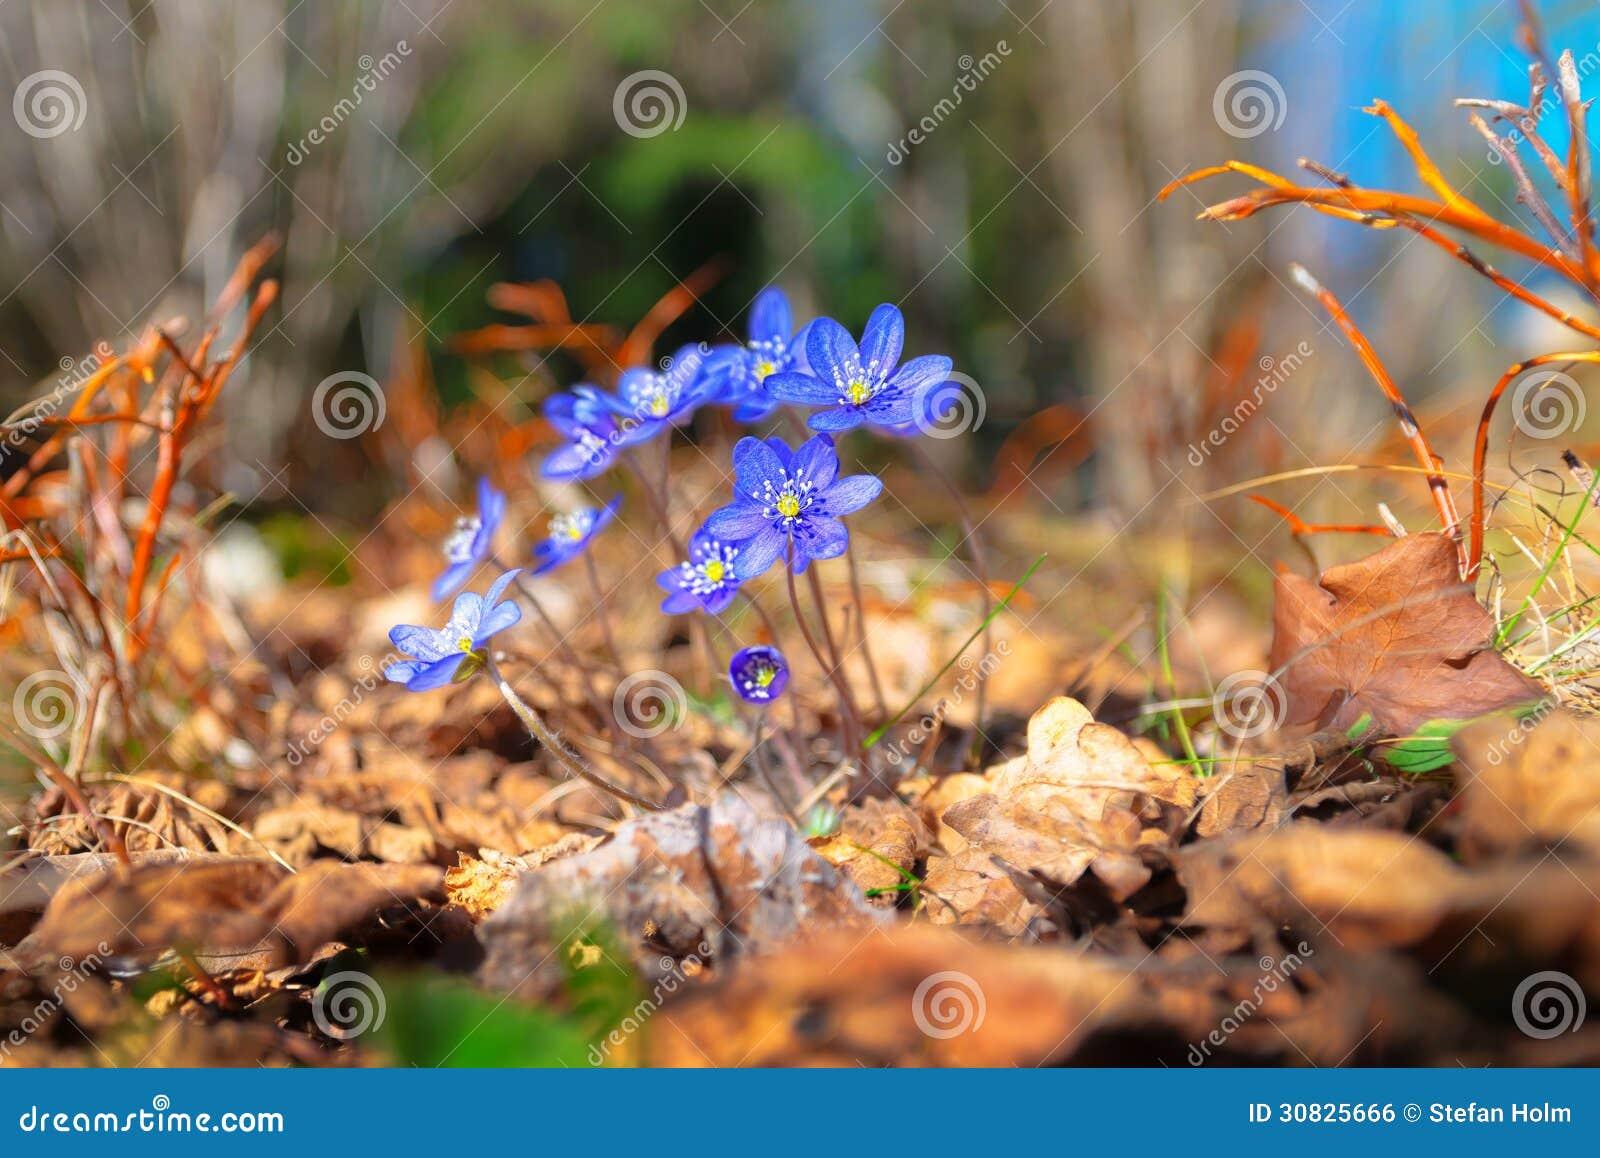 Fiori blu in foresta